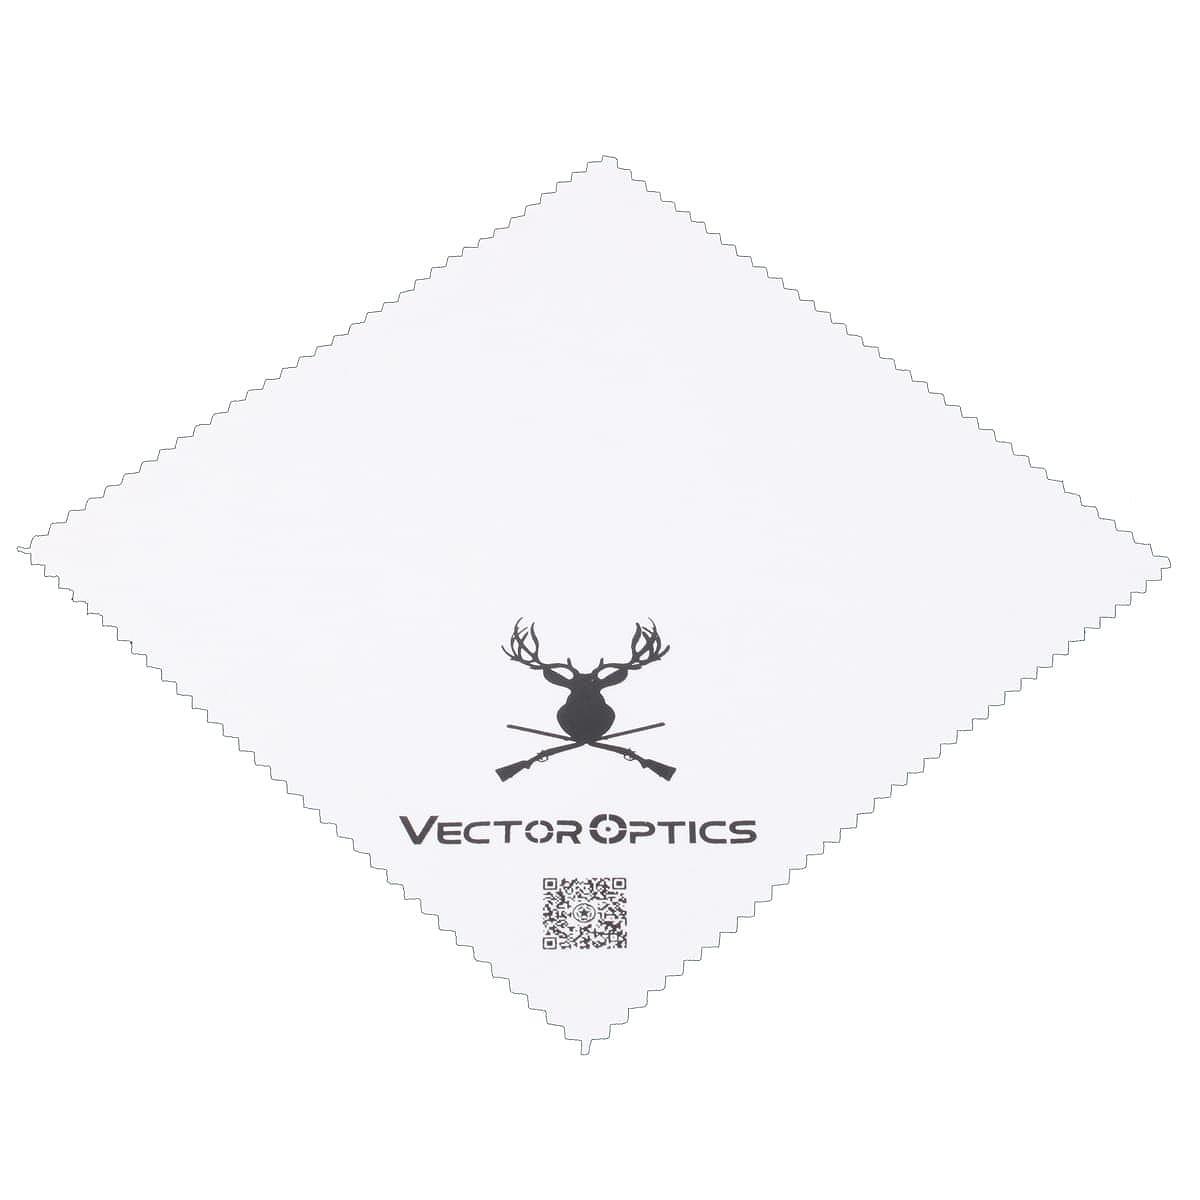 【お届け予定日: 3月30日】ベクターオプティクス ライフルスコープ Marksman 4.5-18x50  Vector Optics SCOL-15